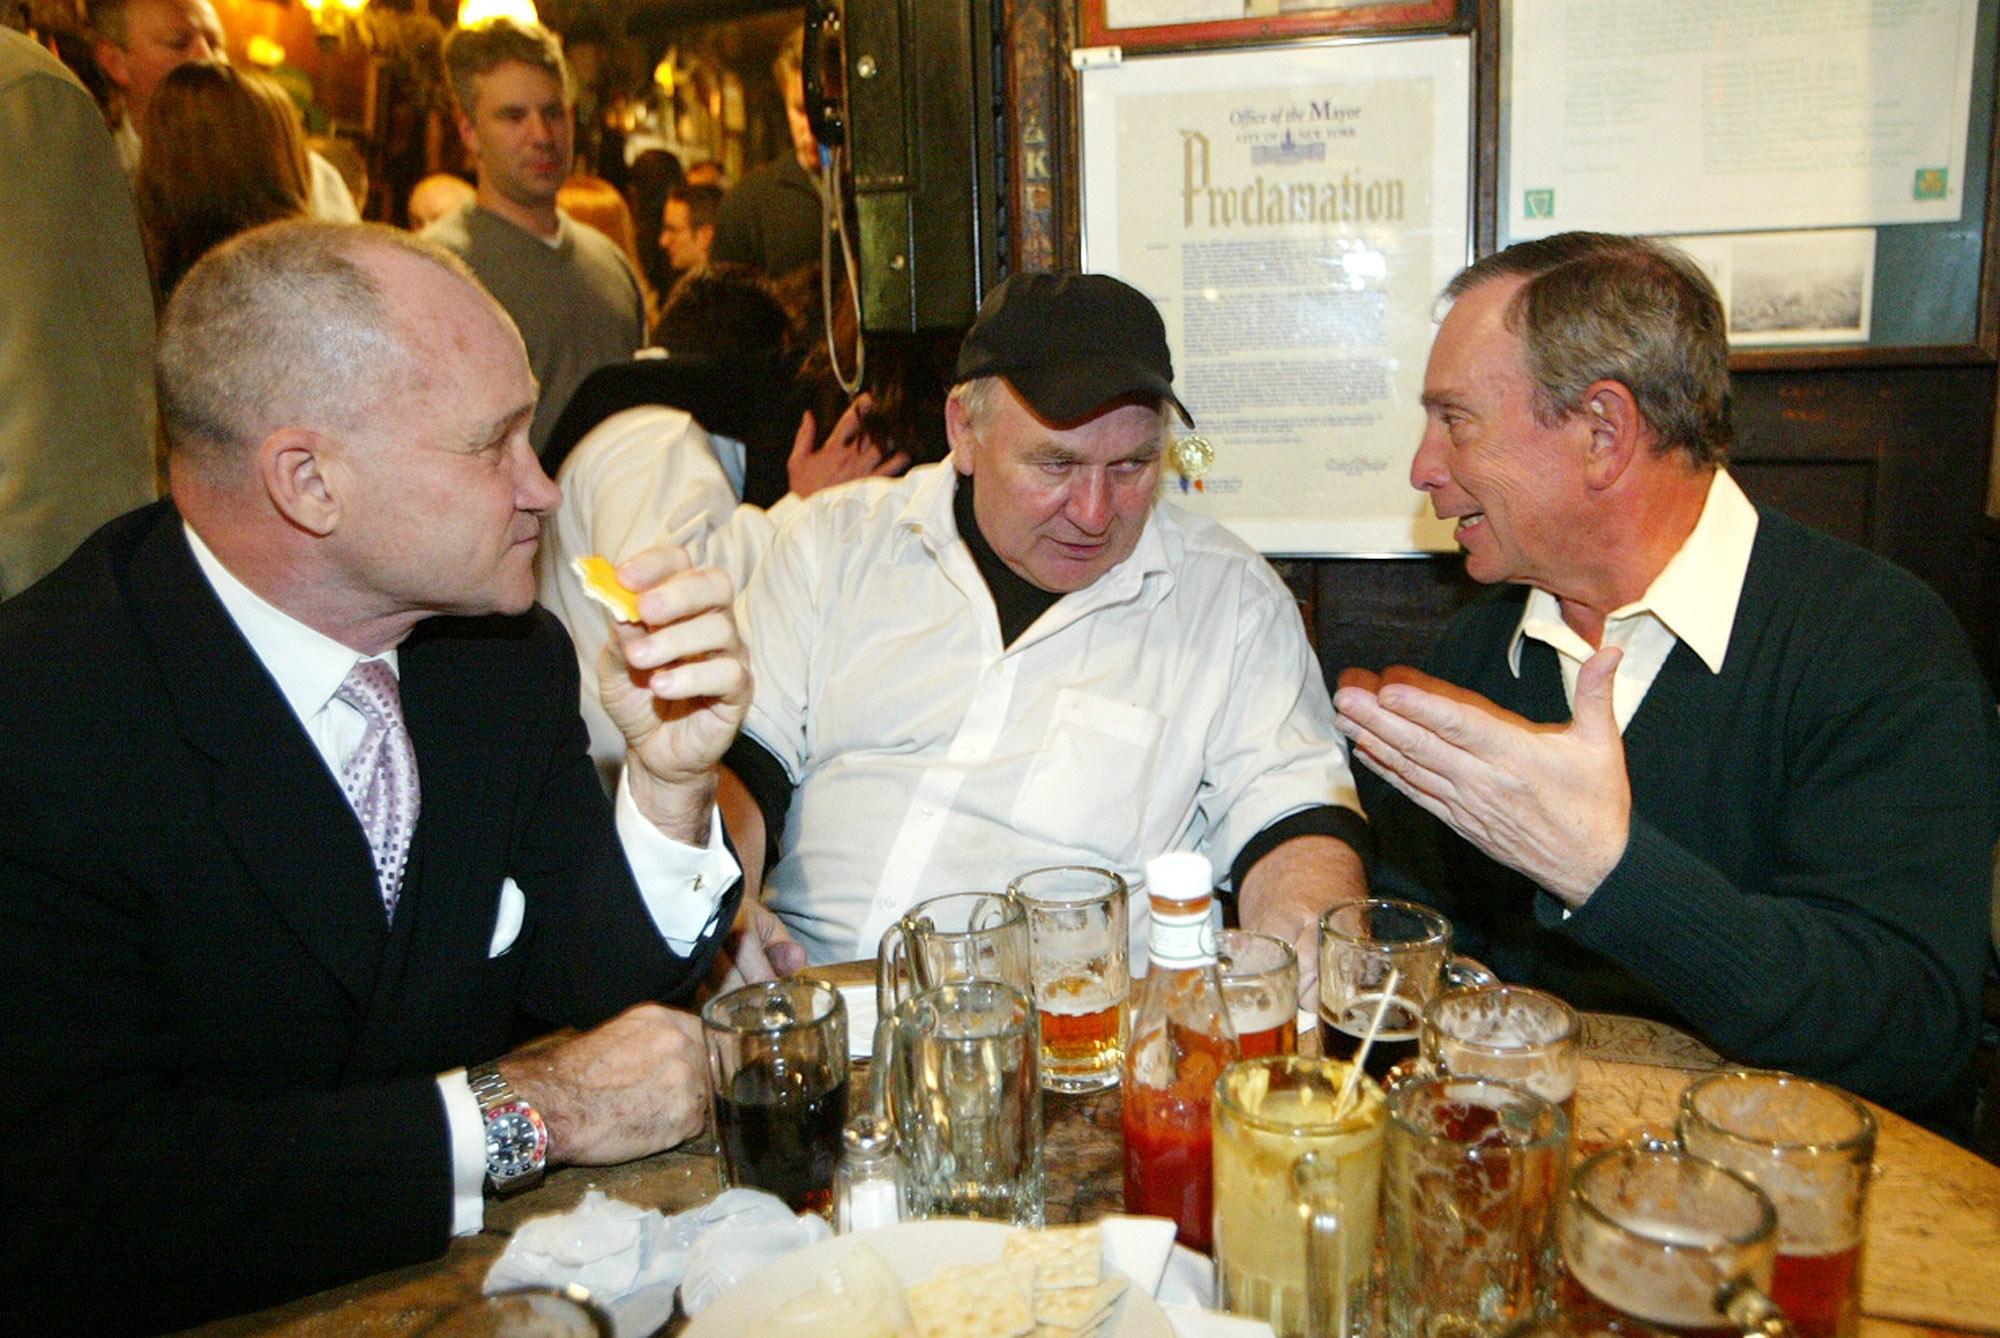 Matty and Bloomberg